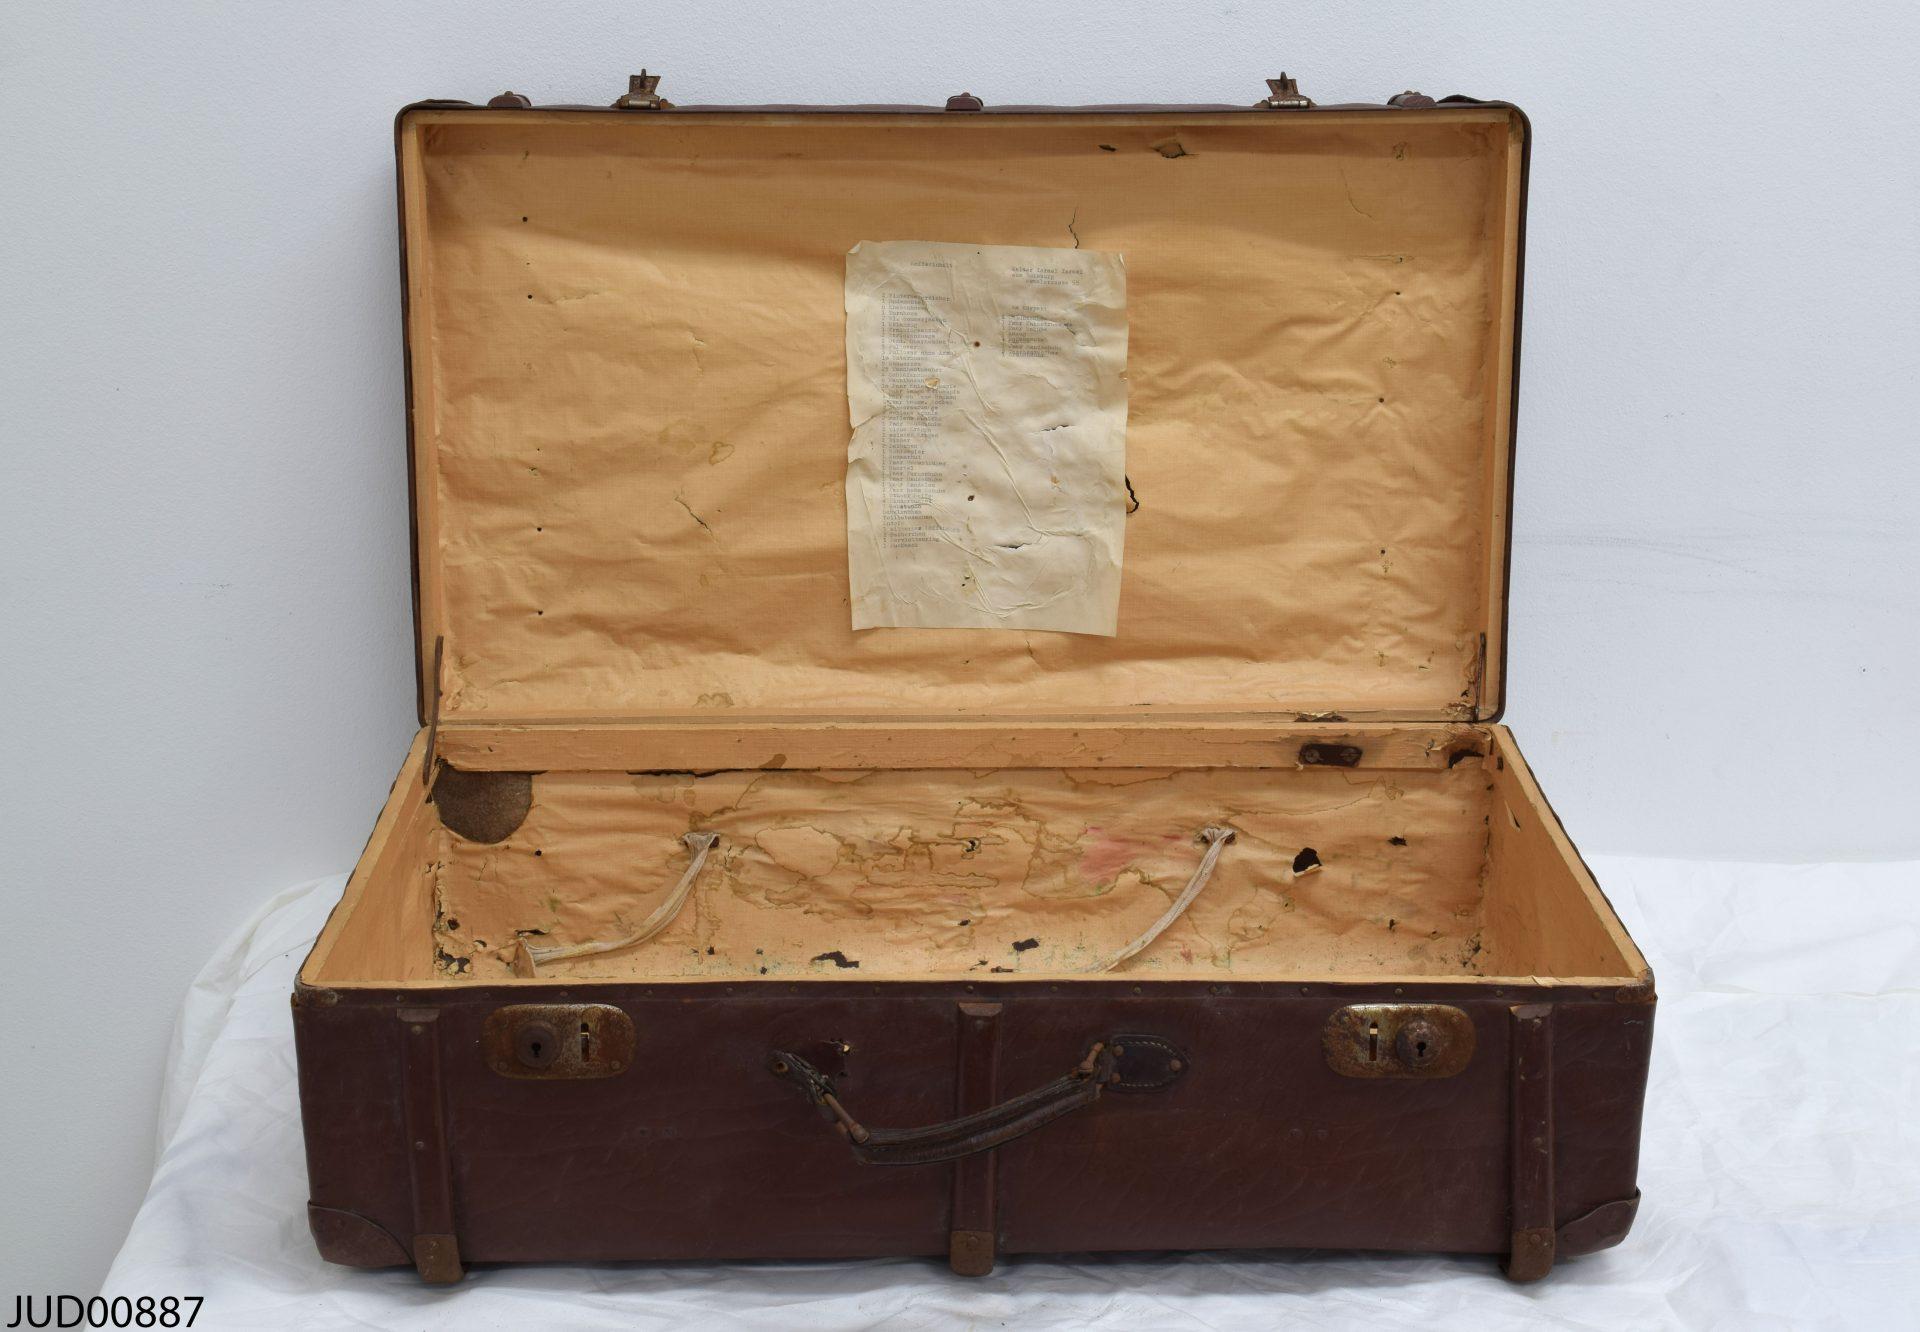 En brun resväska med en papperslapp klistrad på insidan av det öppna locket.